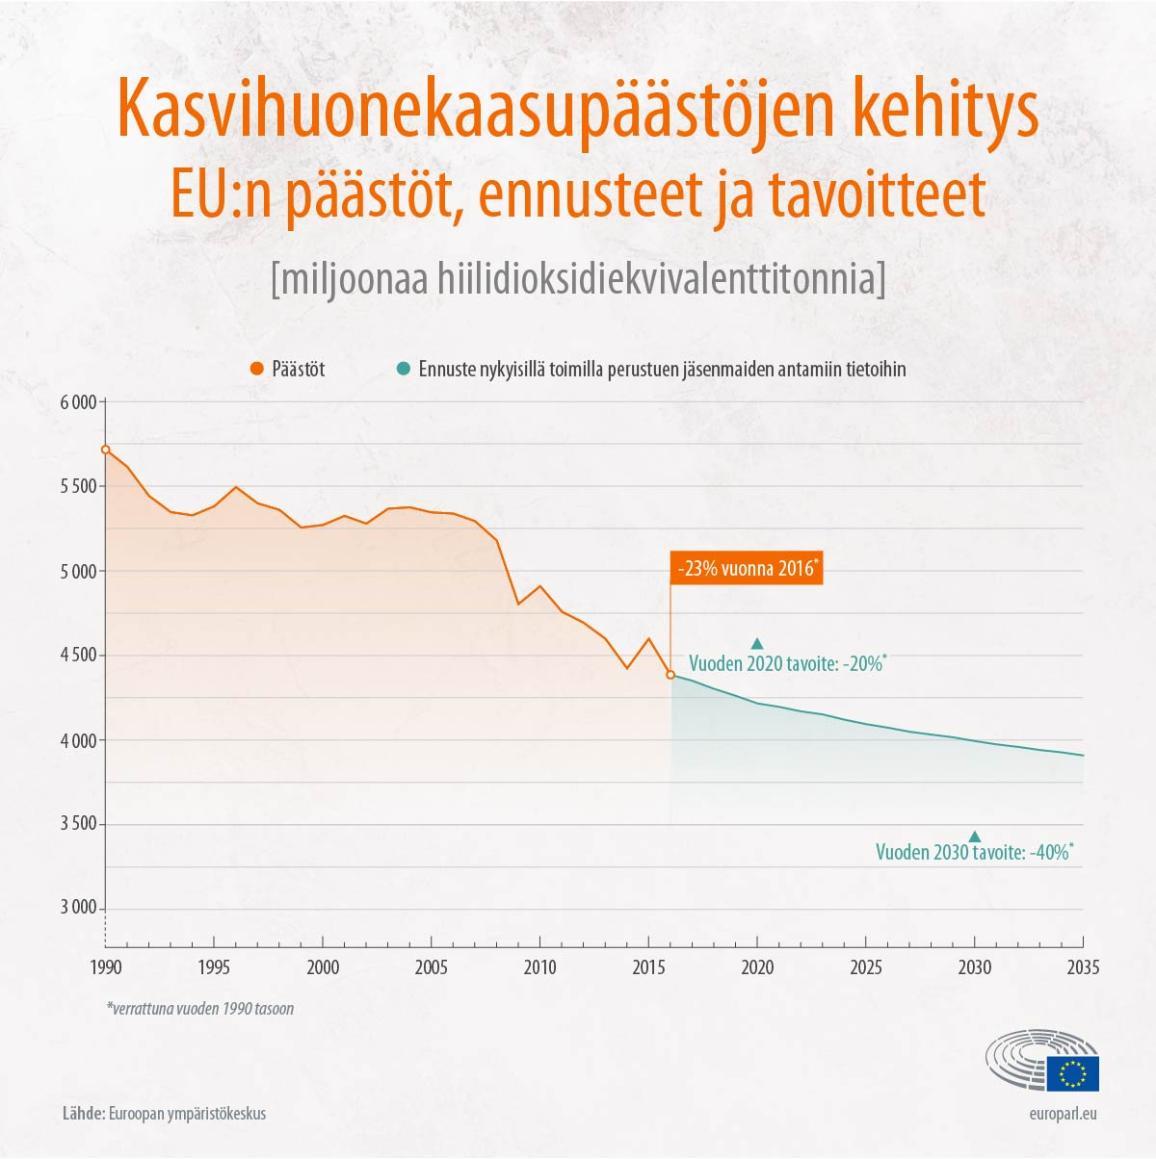 EU:n kasvihuonekaasupäästöjen kehitys vuodesta 1990 tähän päivään sekä ennuste tuleville vuosille.